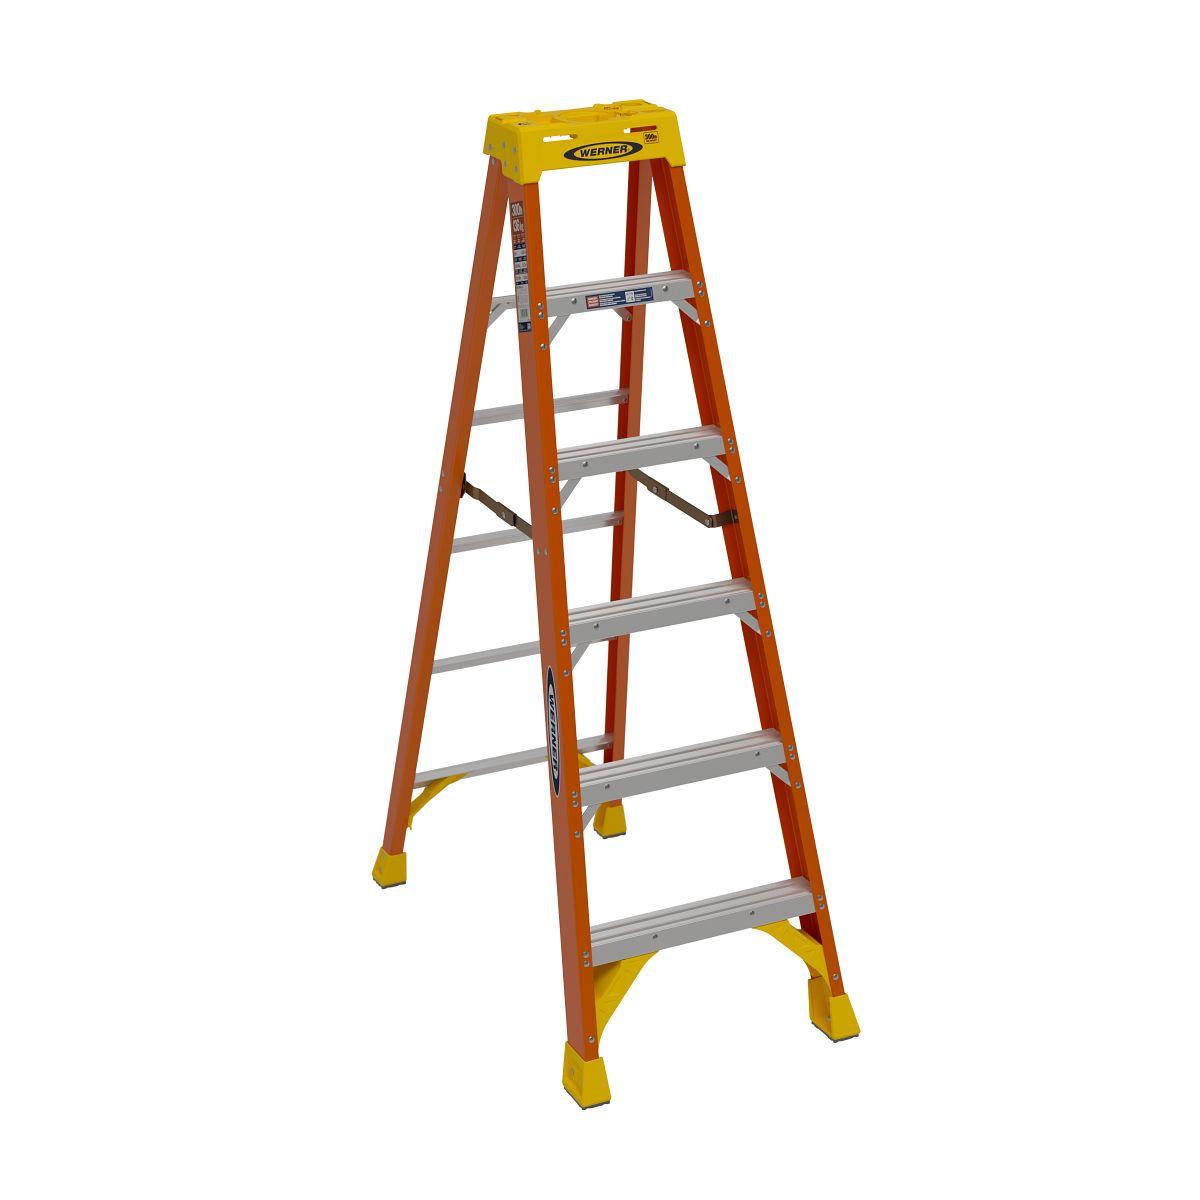 Nxt1a06 Step Ladders Werner Us